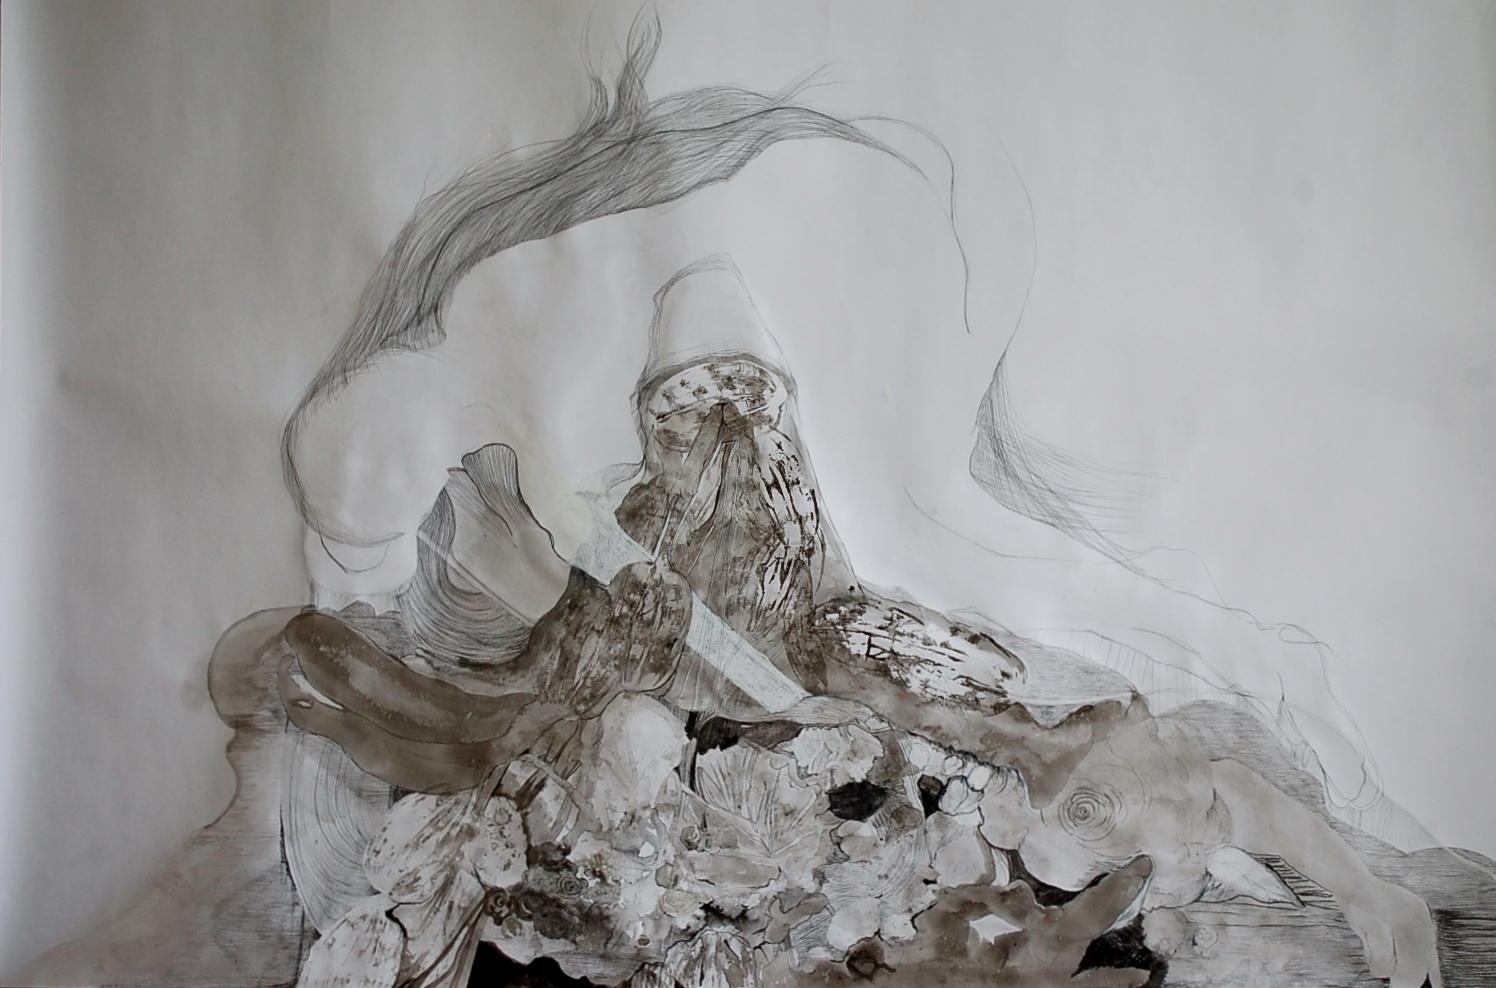 Maria van den Broek, Rubbish1